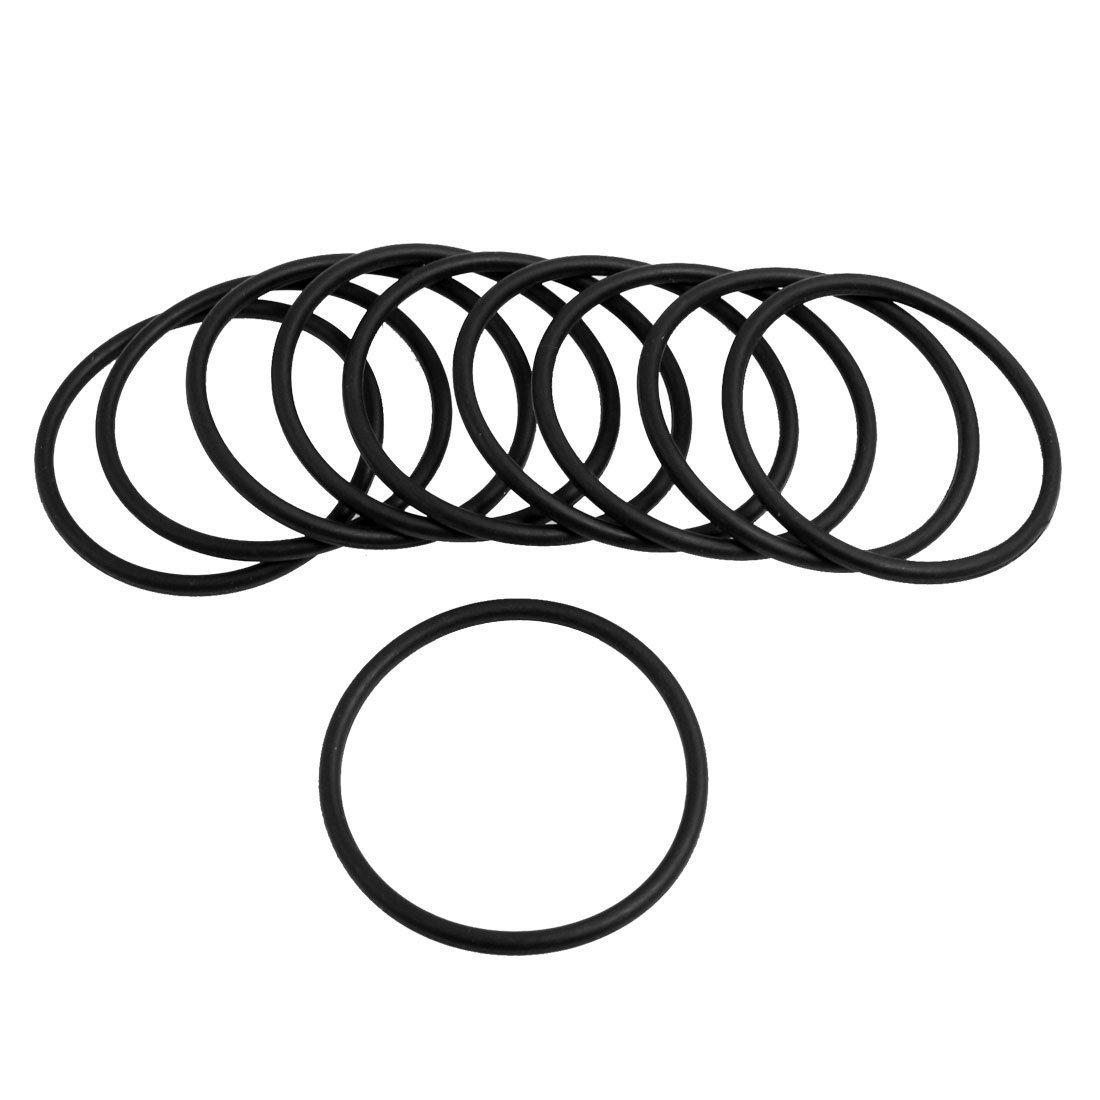 Moligh doll 10 Stueck Schwarz Gummi Oil Seal O-Ringe Dichtungen Unterlegscheiben 30x25x2.5mm